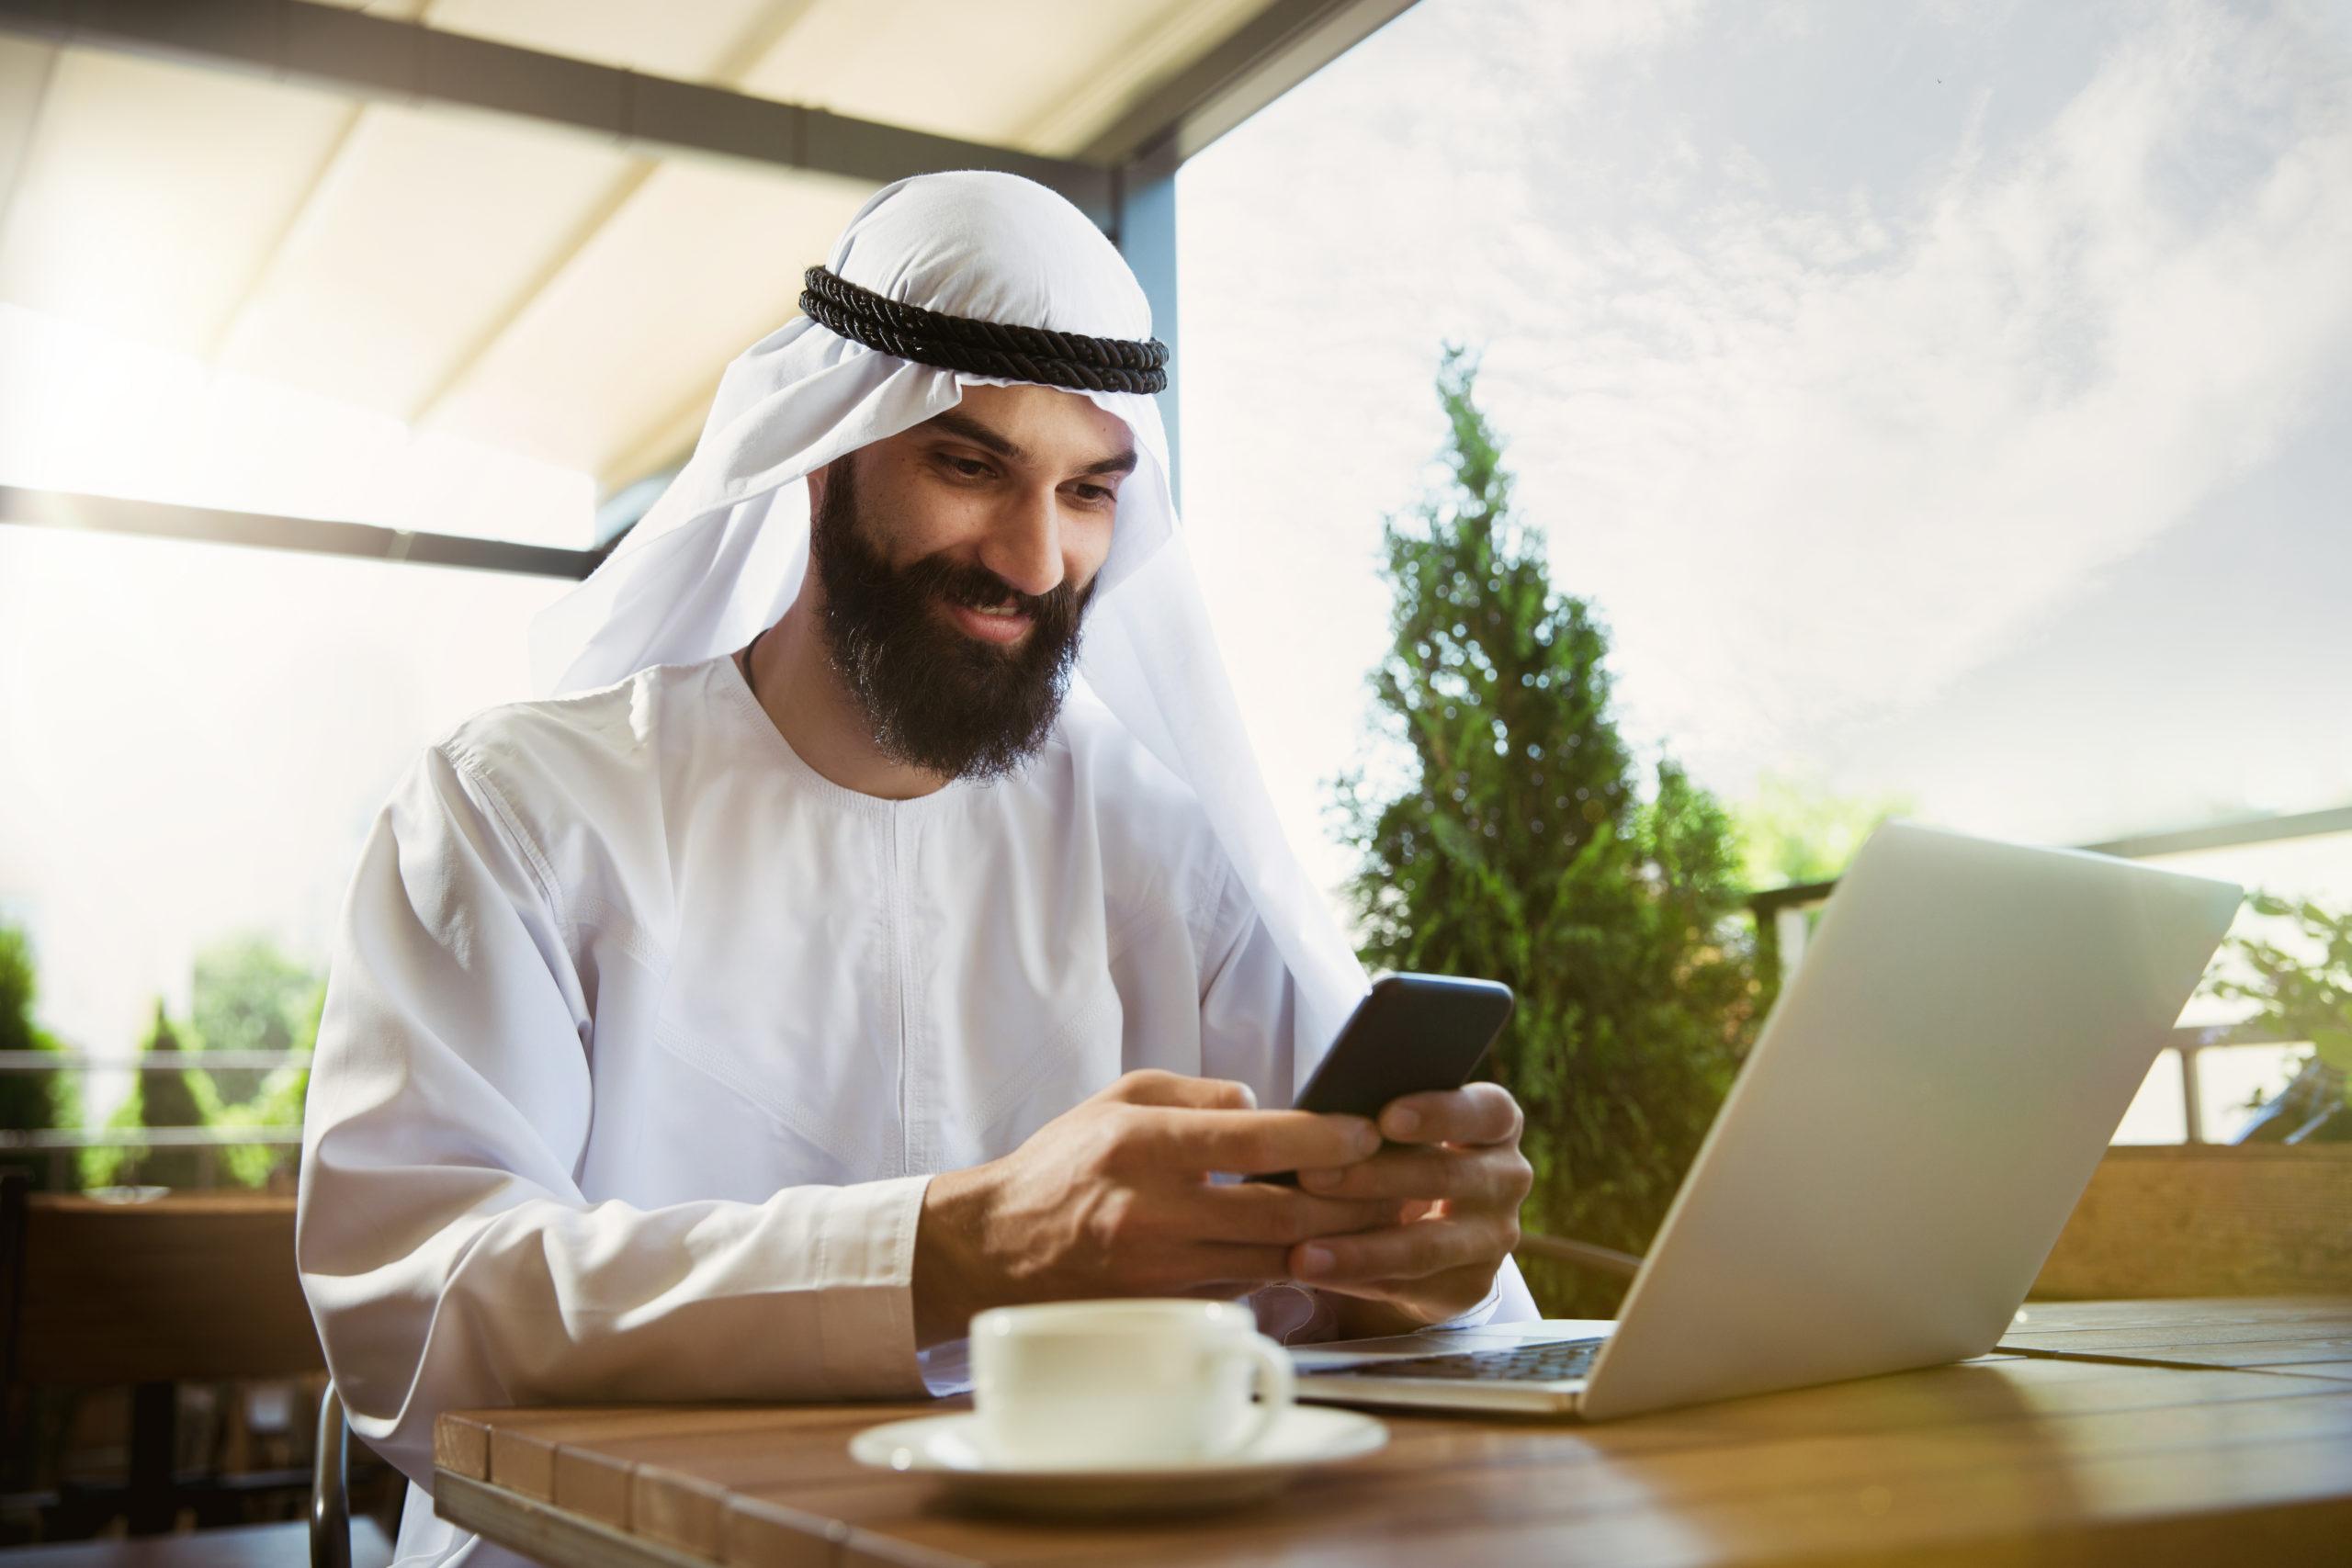 תרגום לערבית: בתמונה איש עסקים לובש כפיה לבנה ליד מחשב מקיש לסלולרי